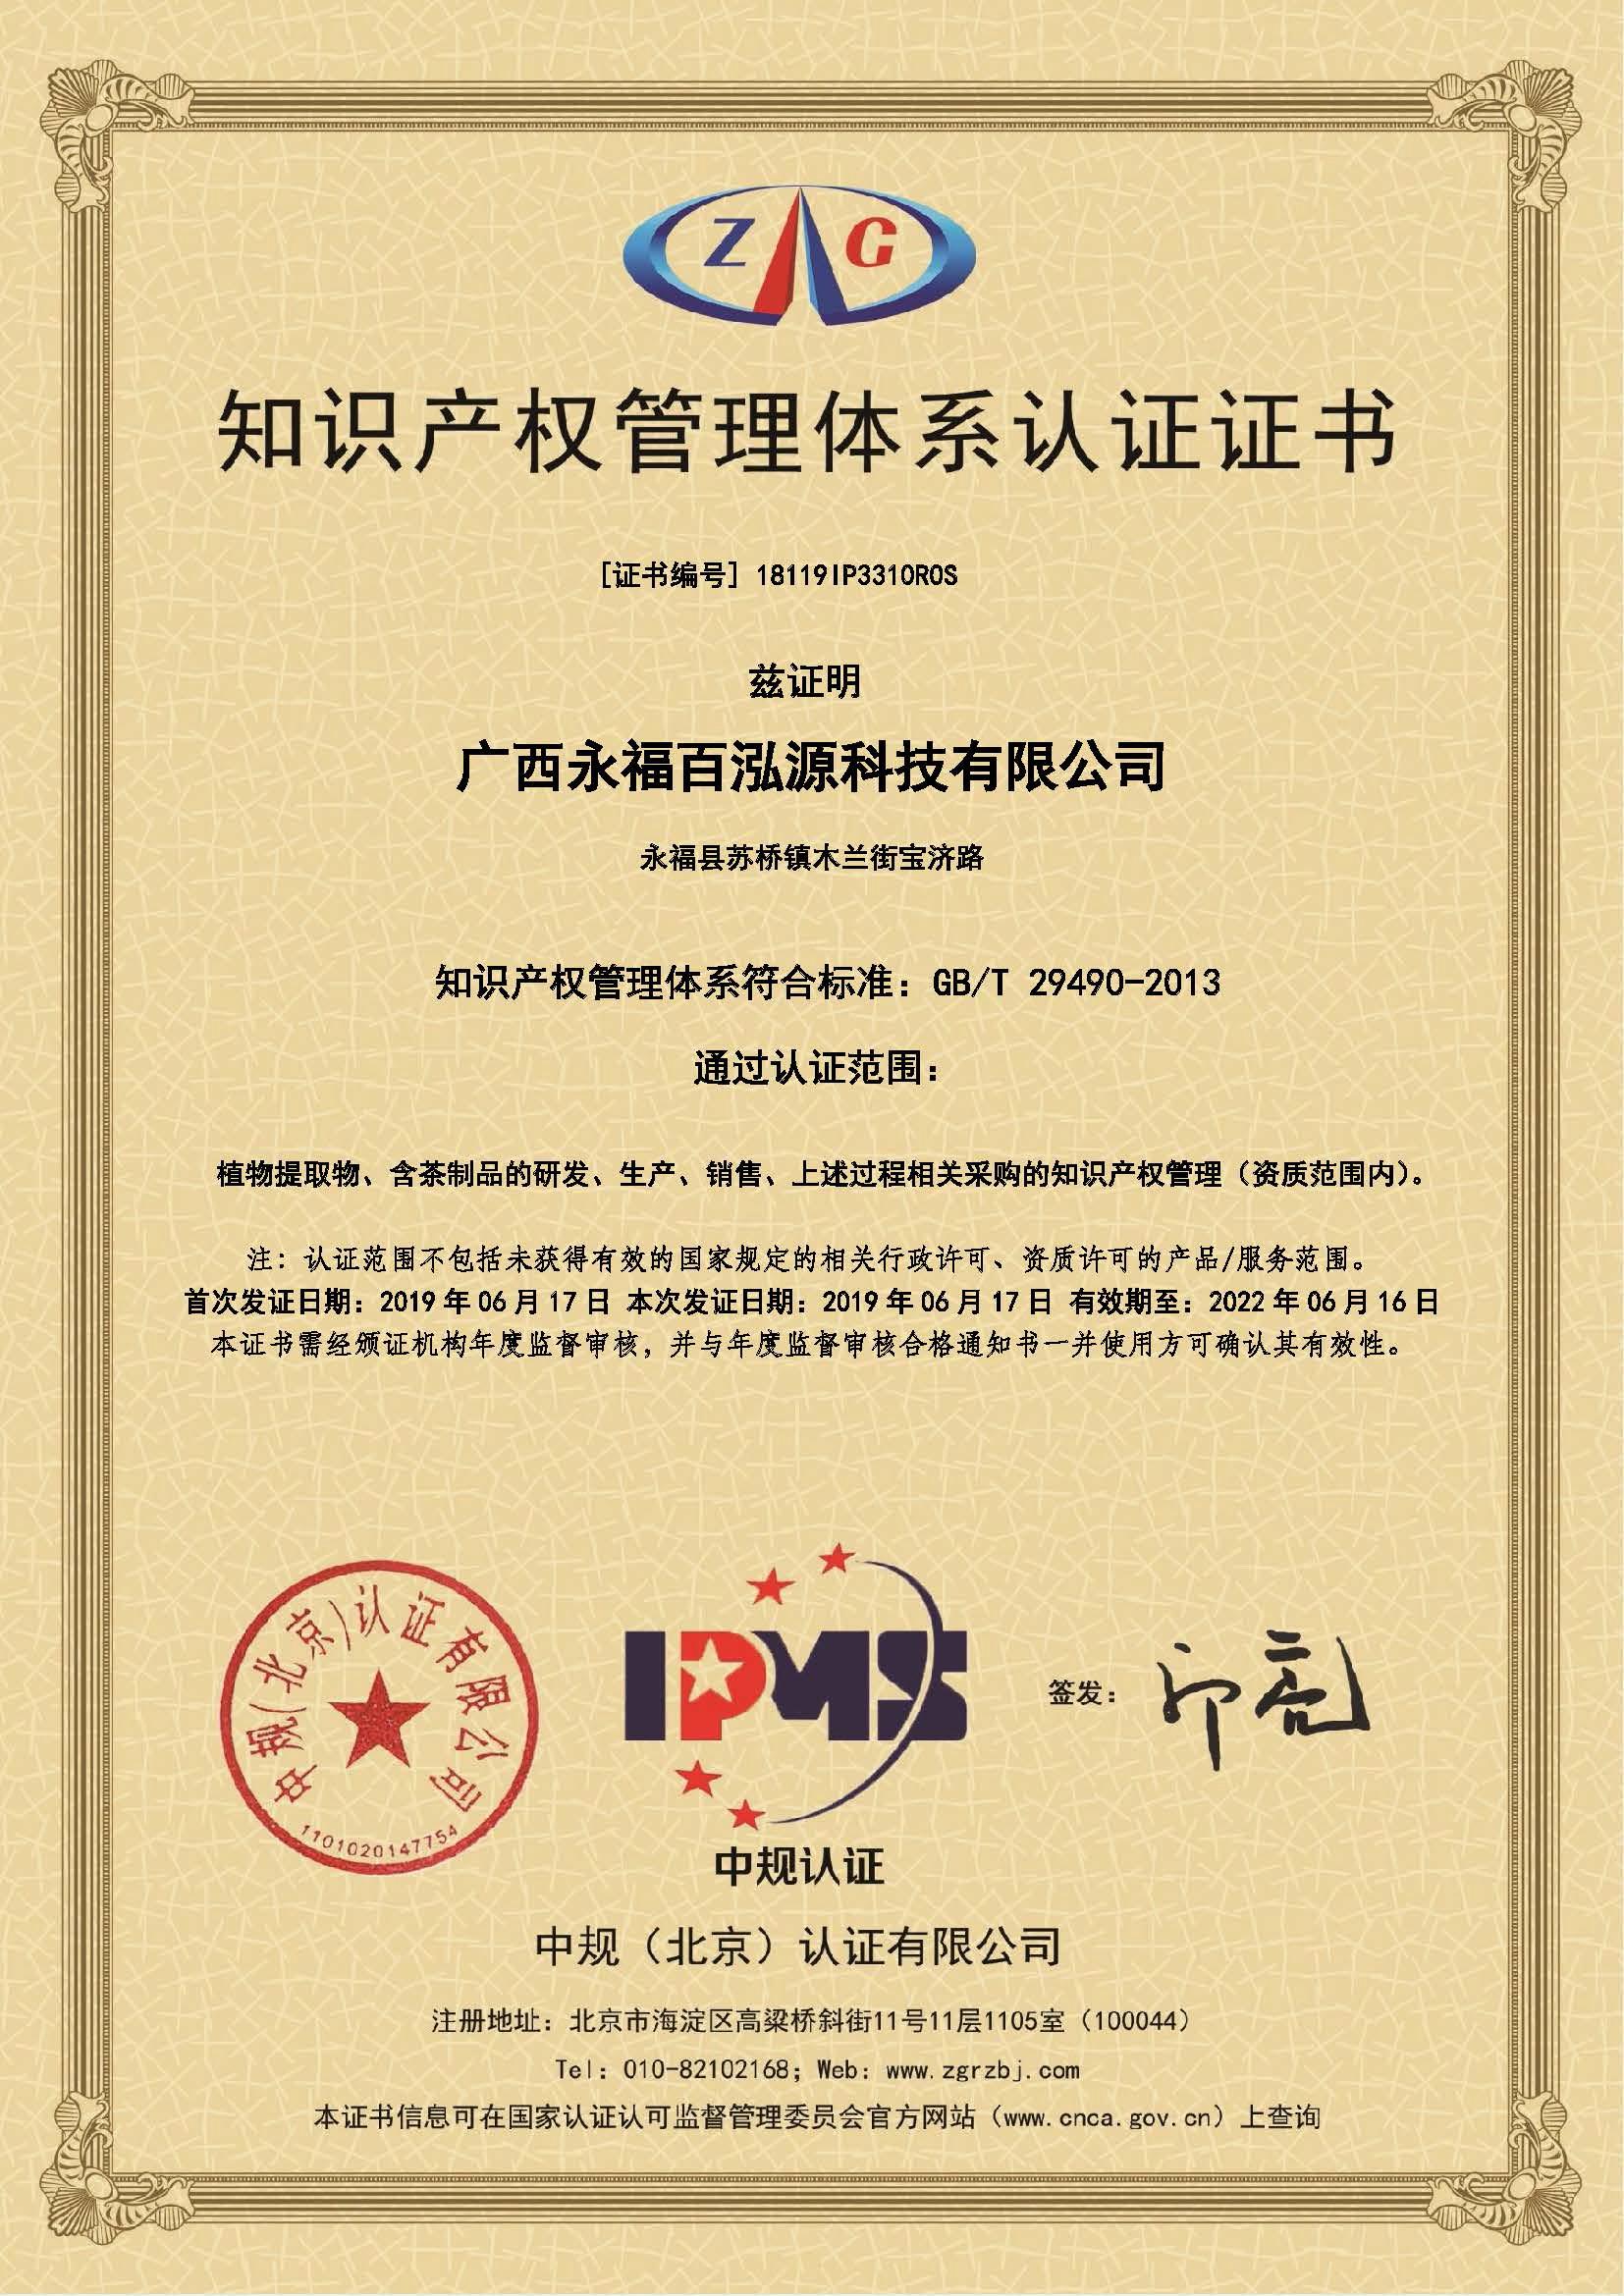 知識產權管理體系認證證書.jpg